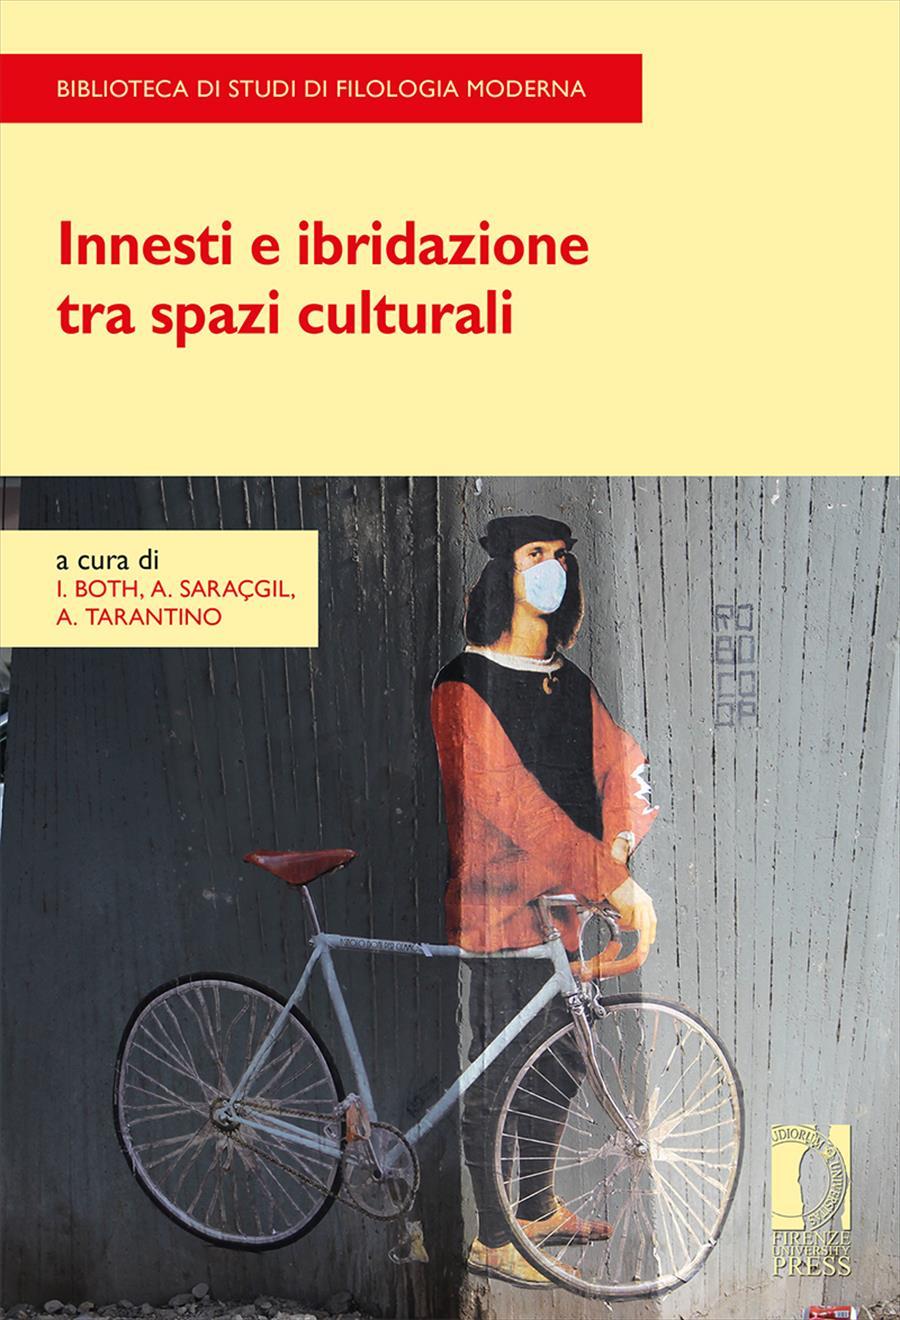 Innesti e ibridazione tra spazi culturali